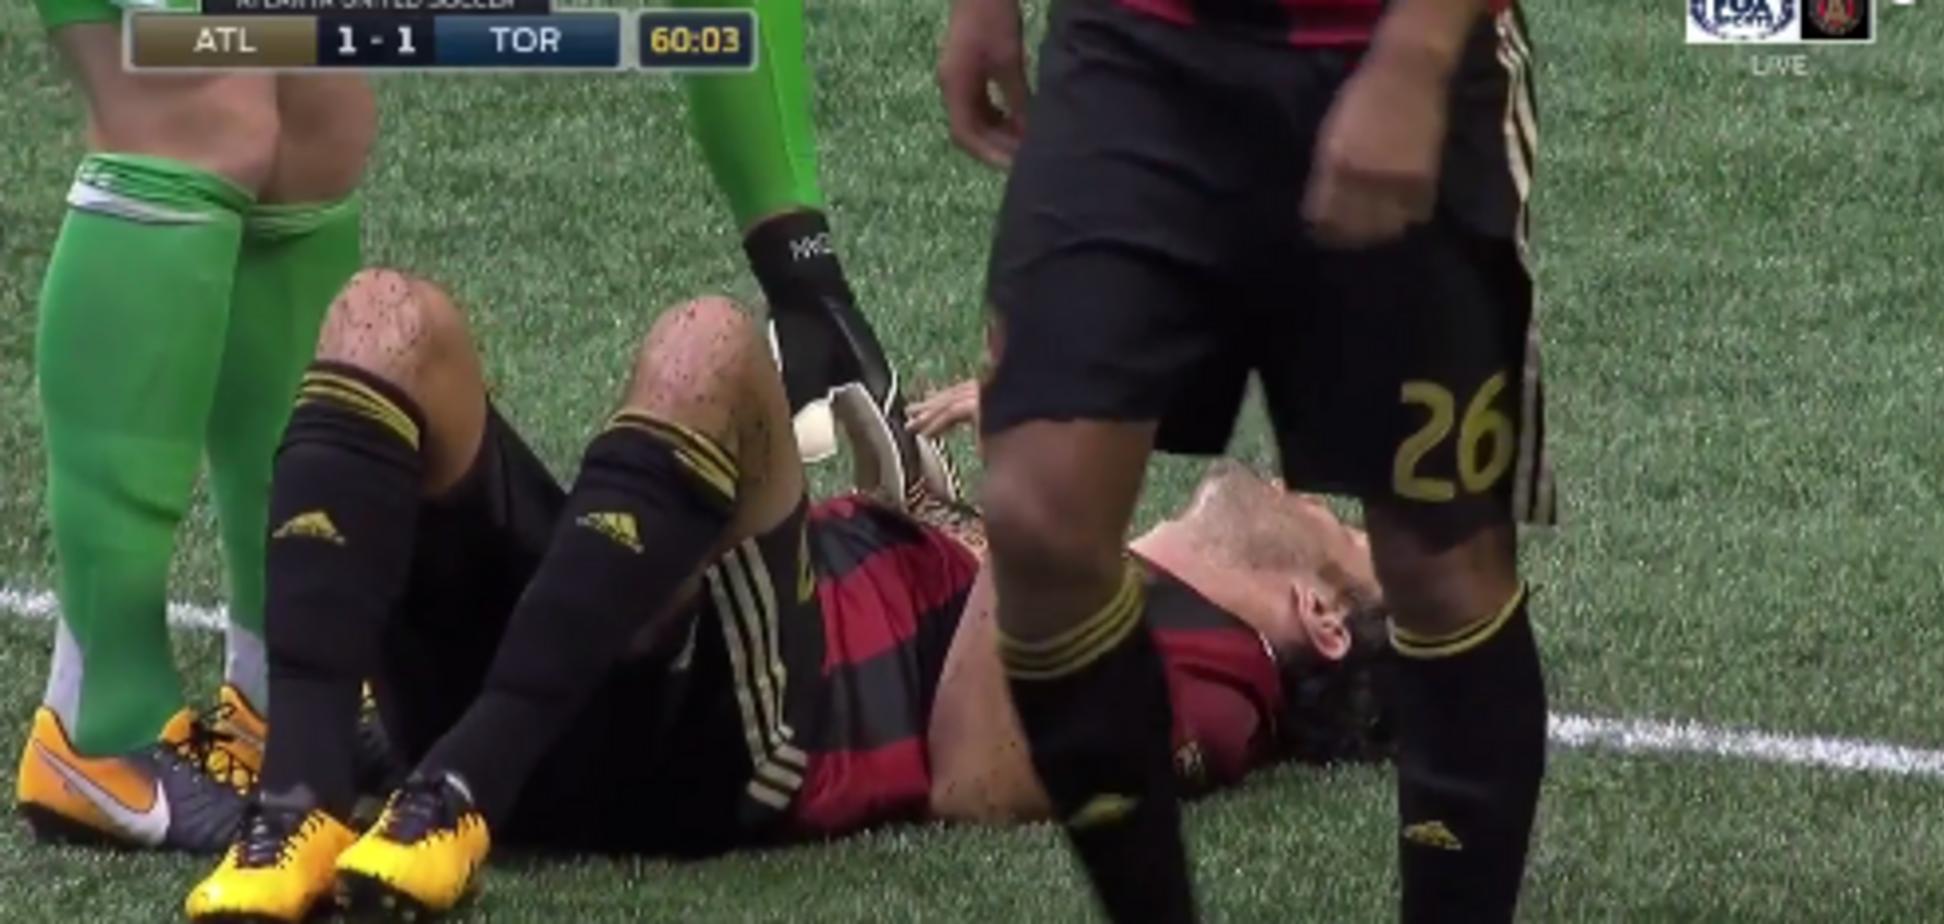 Фанати кинули в футболіста стакан із пивом: відповідна реакція їх вразила - відеофакт